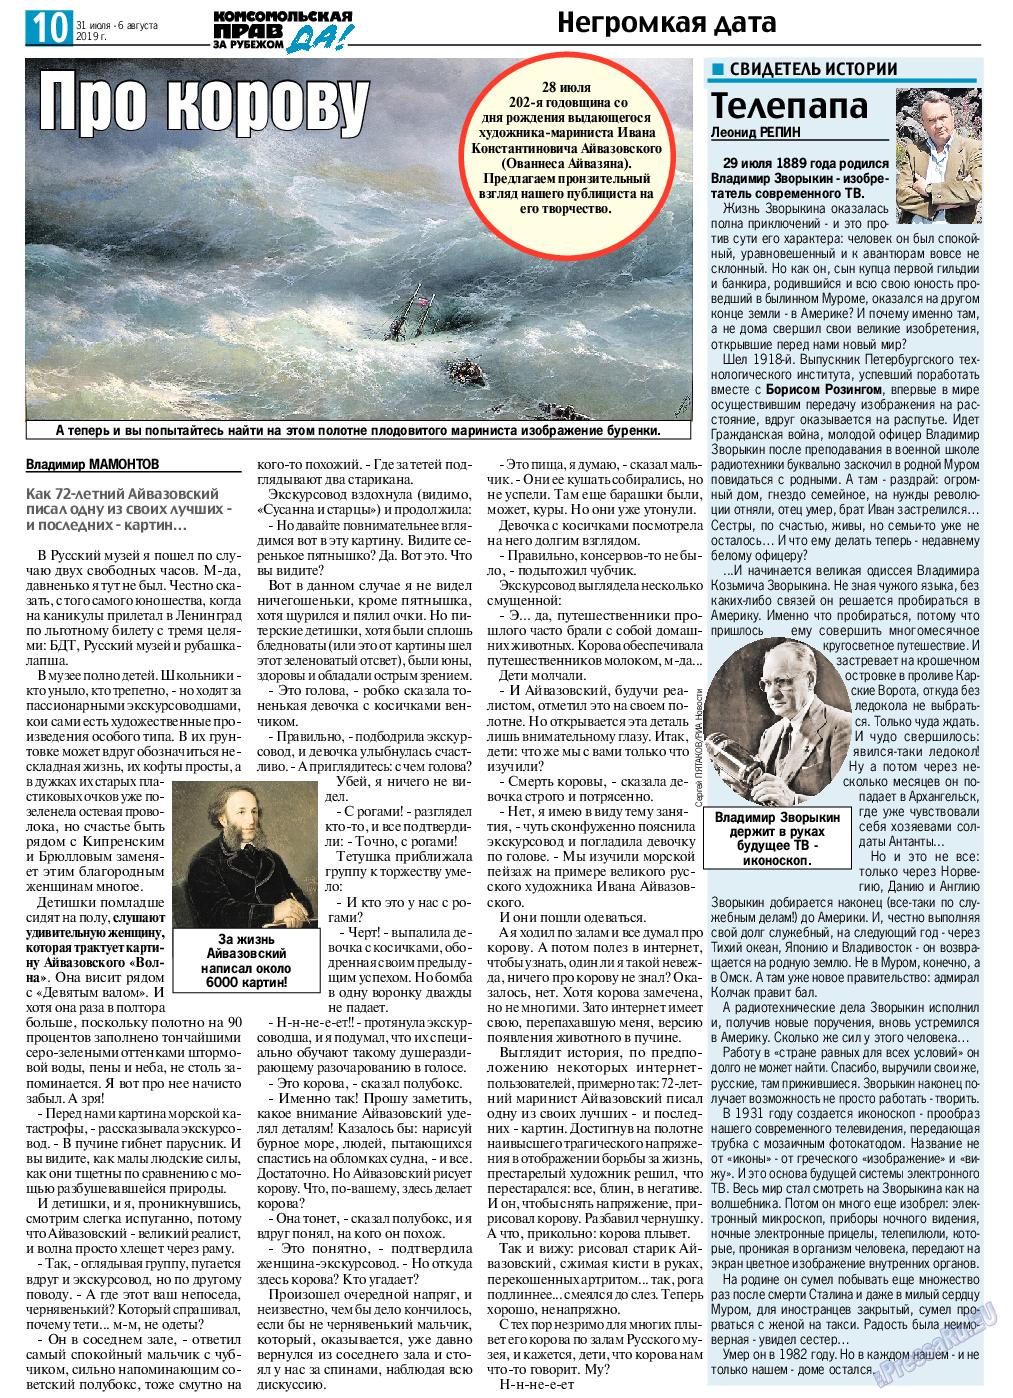 КП в Европе (газета). 2019 год, номер 31, стр. 10